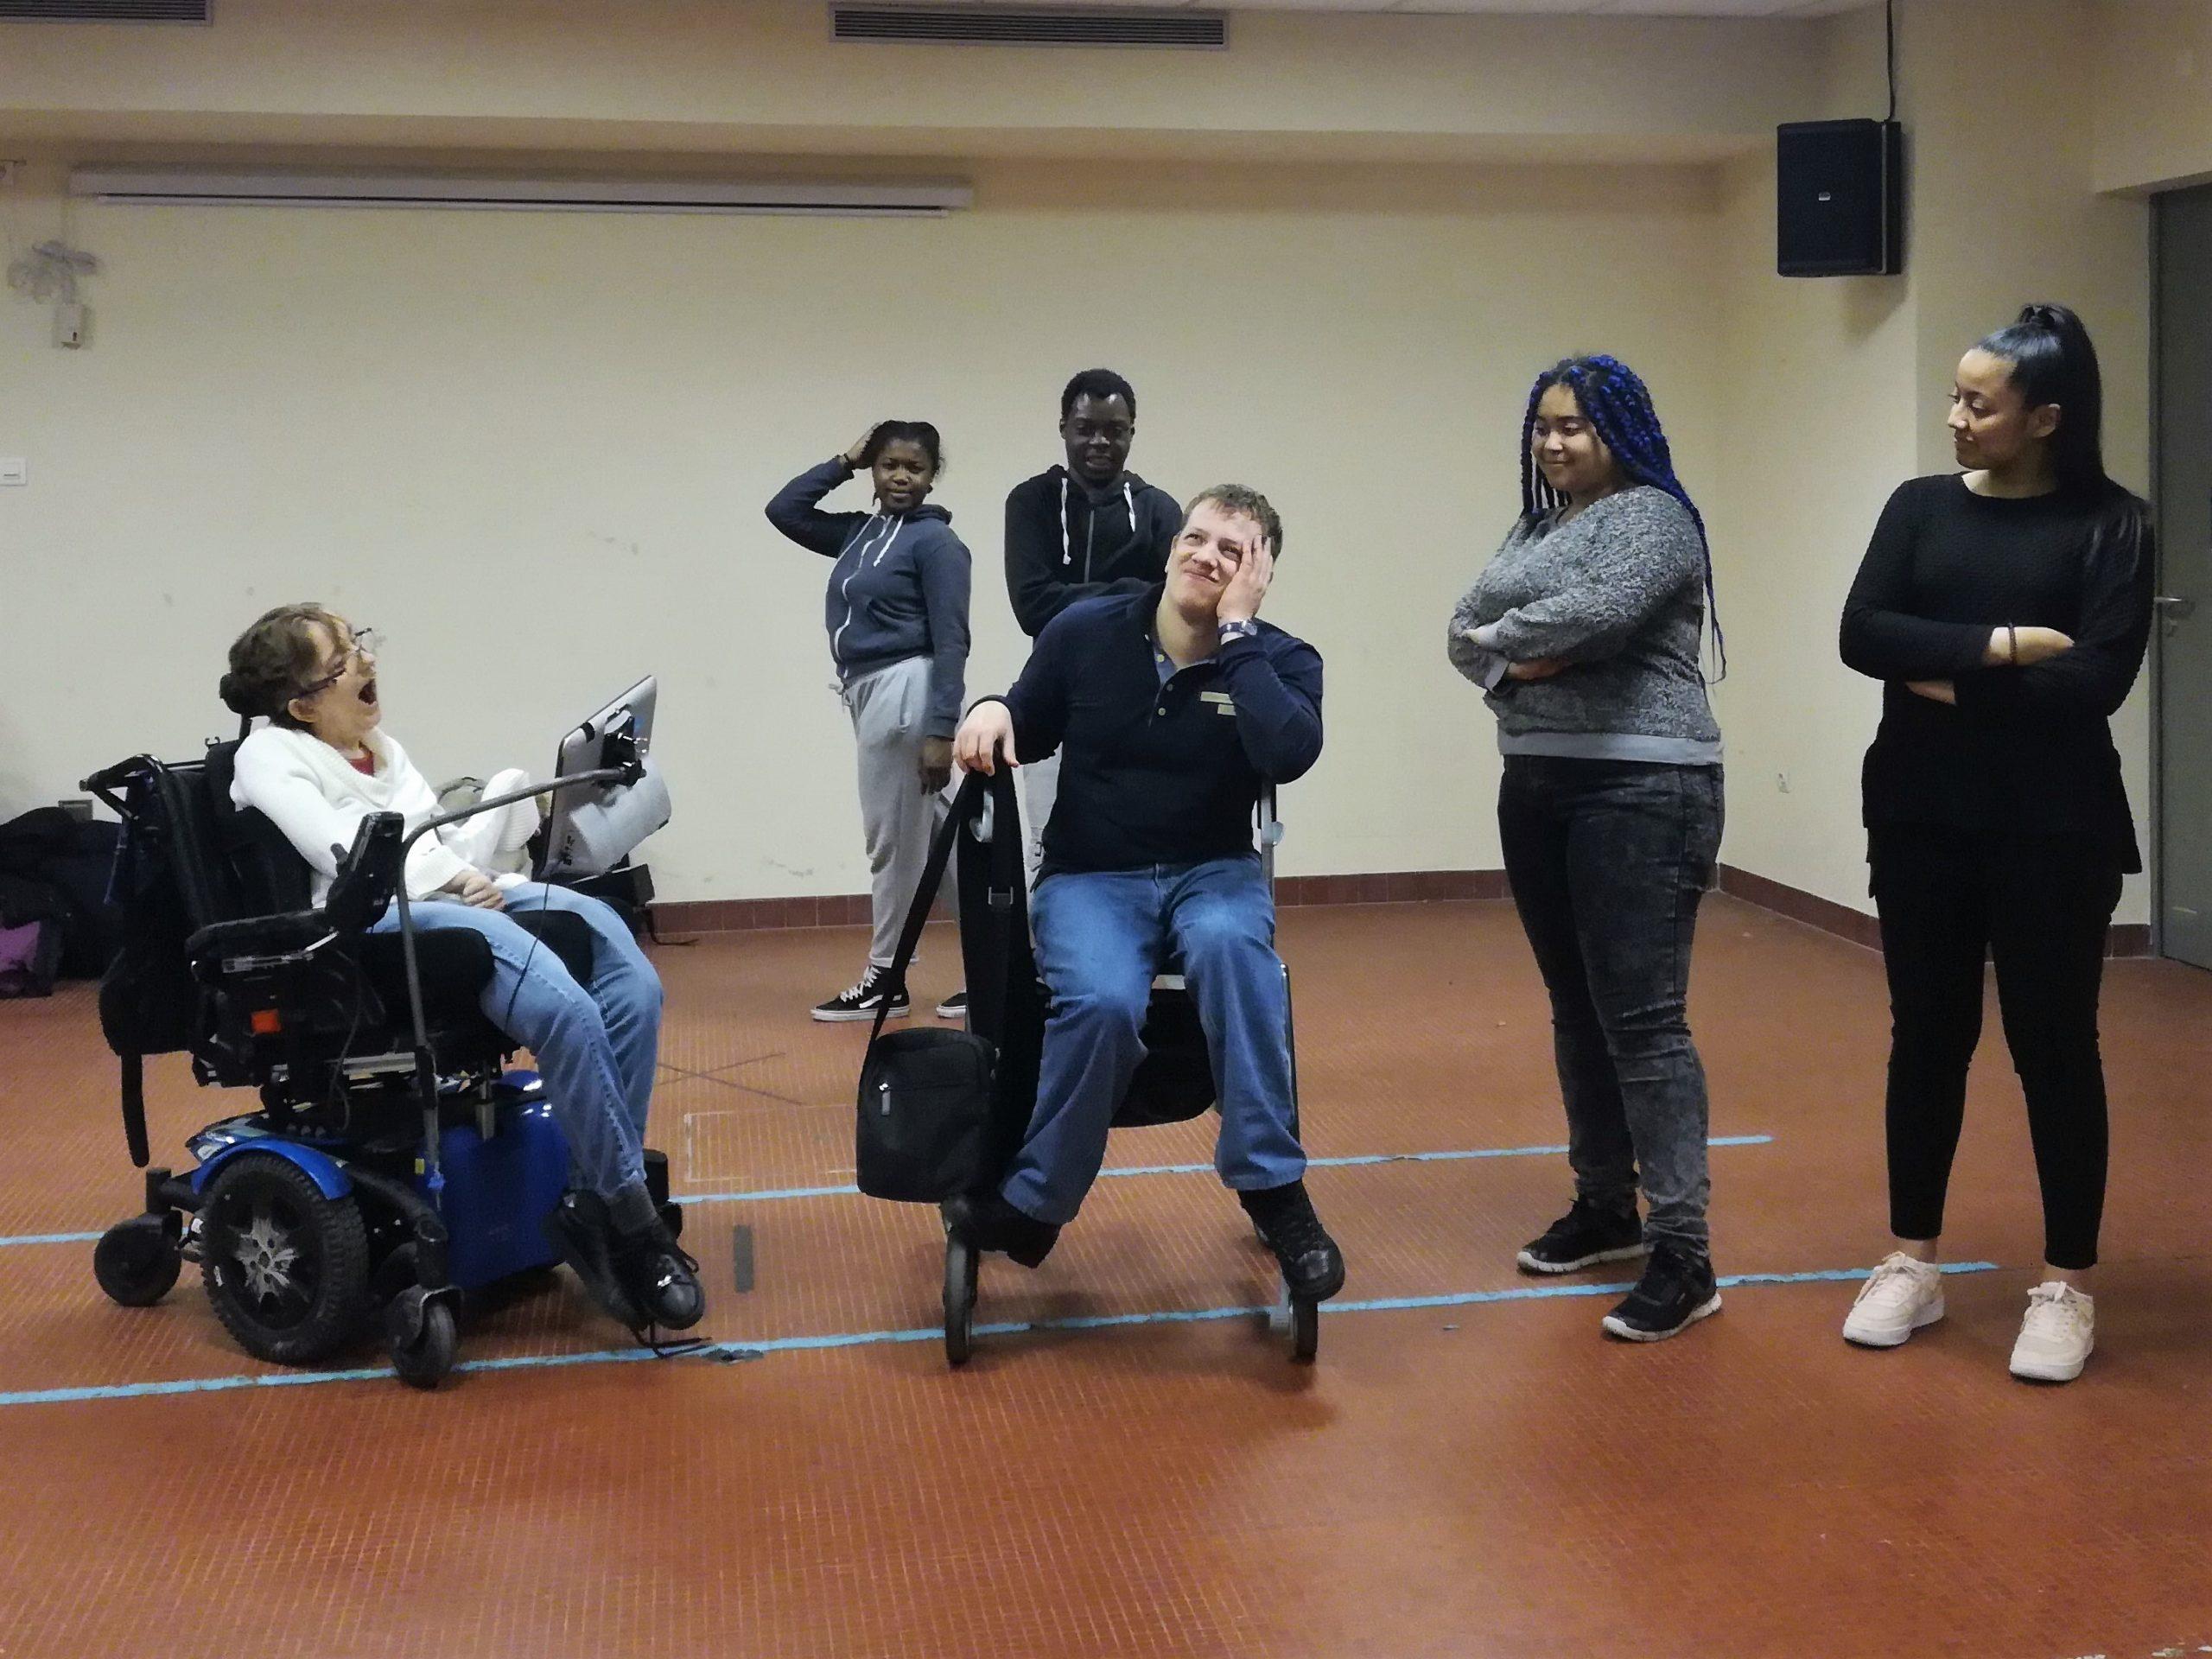 Jeunes De Maison D'accueil Spécialisée Et De Lycée Se Rencontrent Lors D'ateliers Théâtre Et Danse